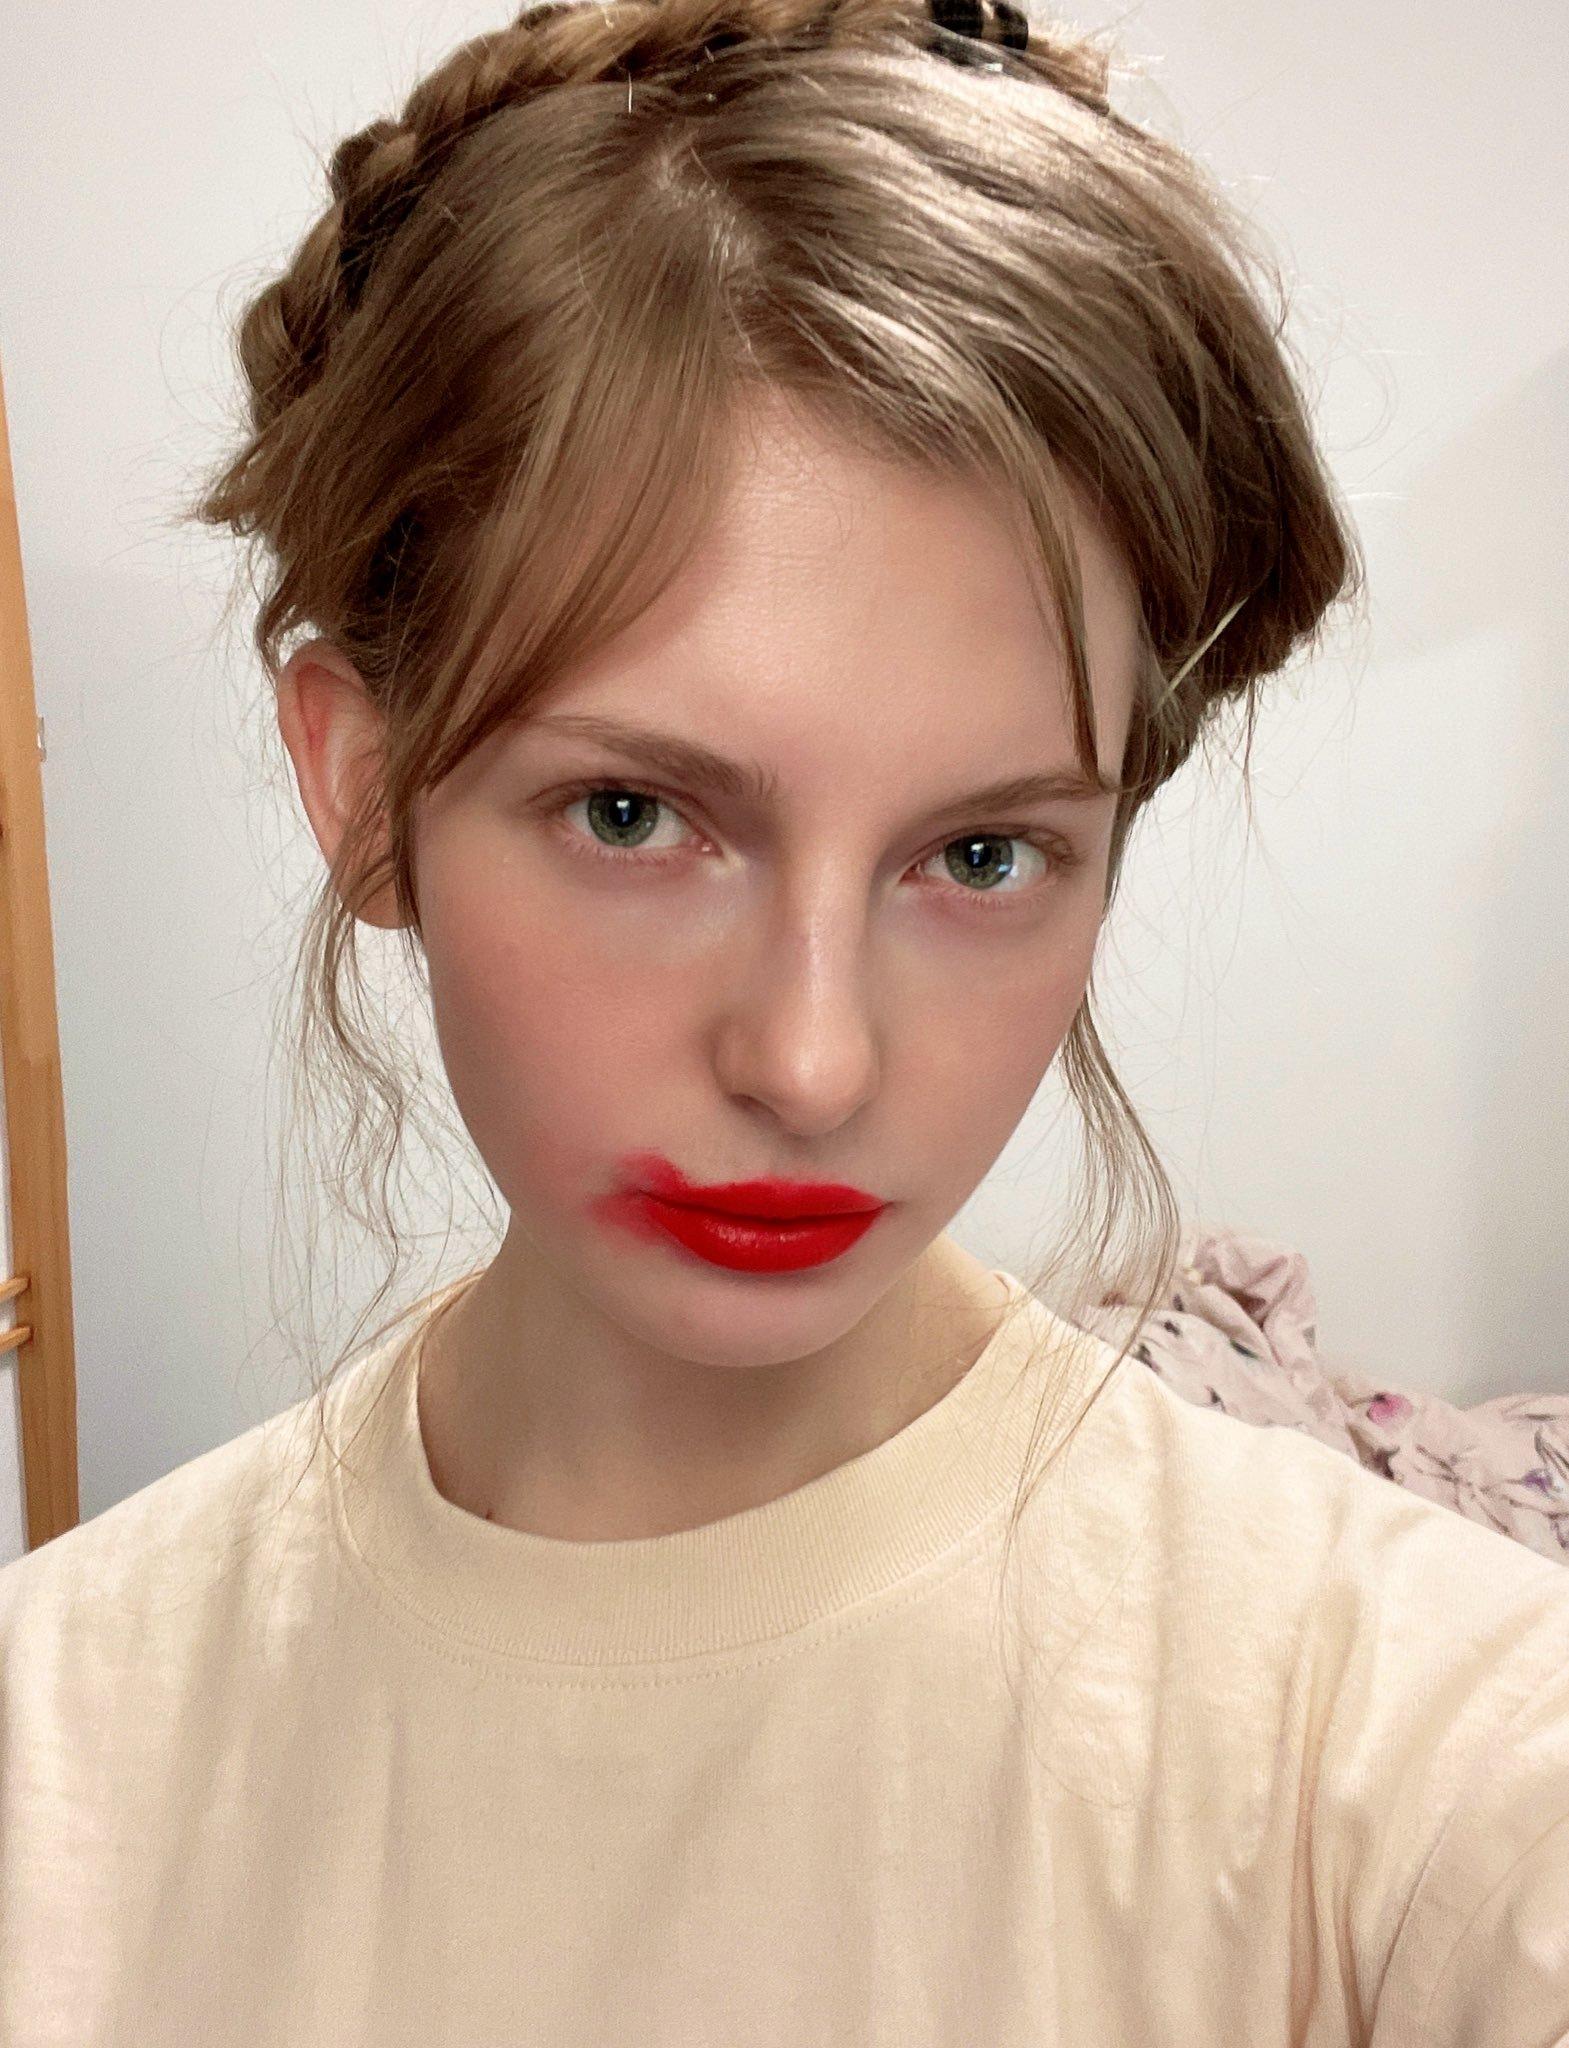 荷兰金发妹 日本发写真-Ella Freya在Youtube上走红的妹子-第14张图片-深海领域